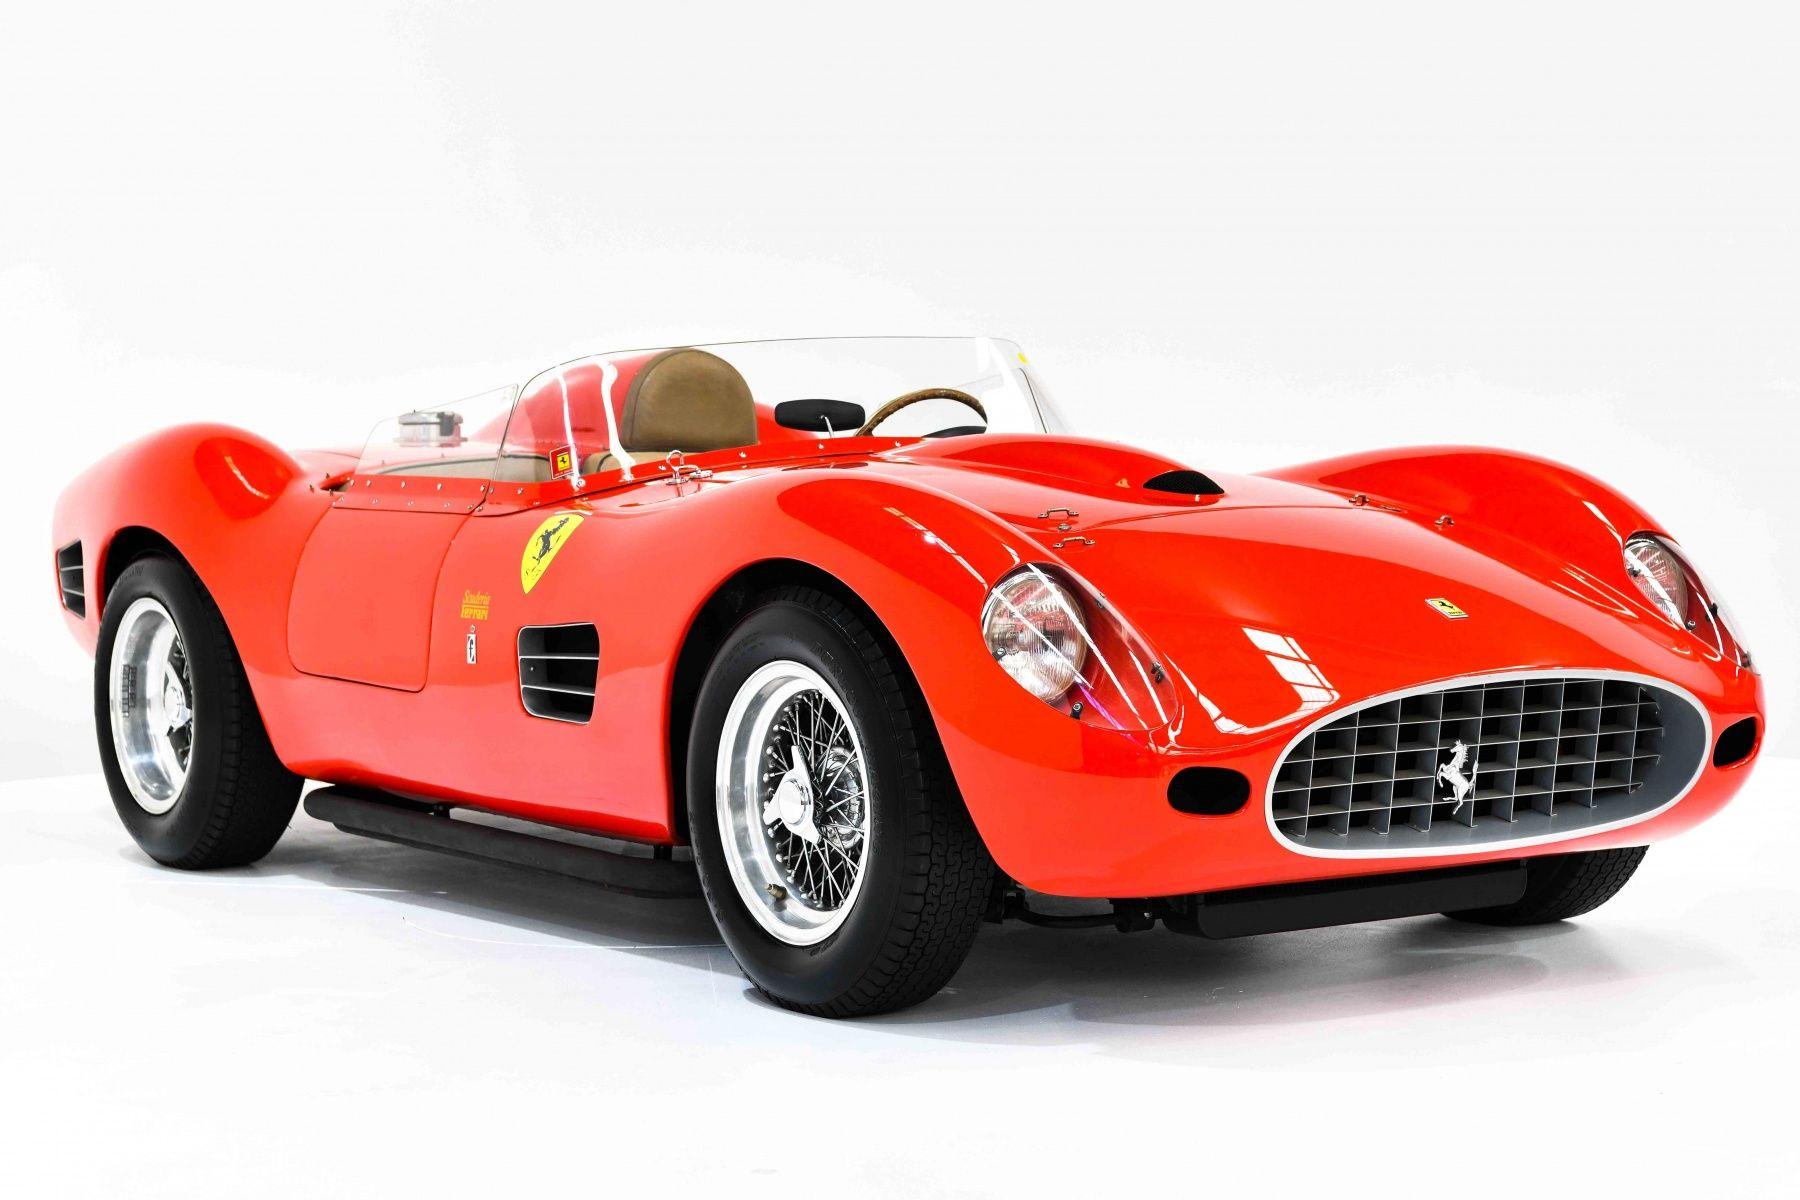 1959 Ferrari 250 Testarossa